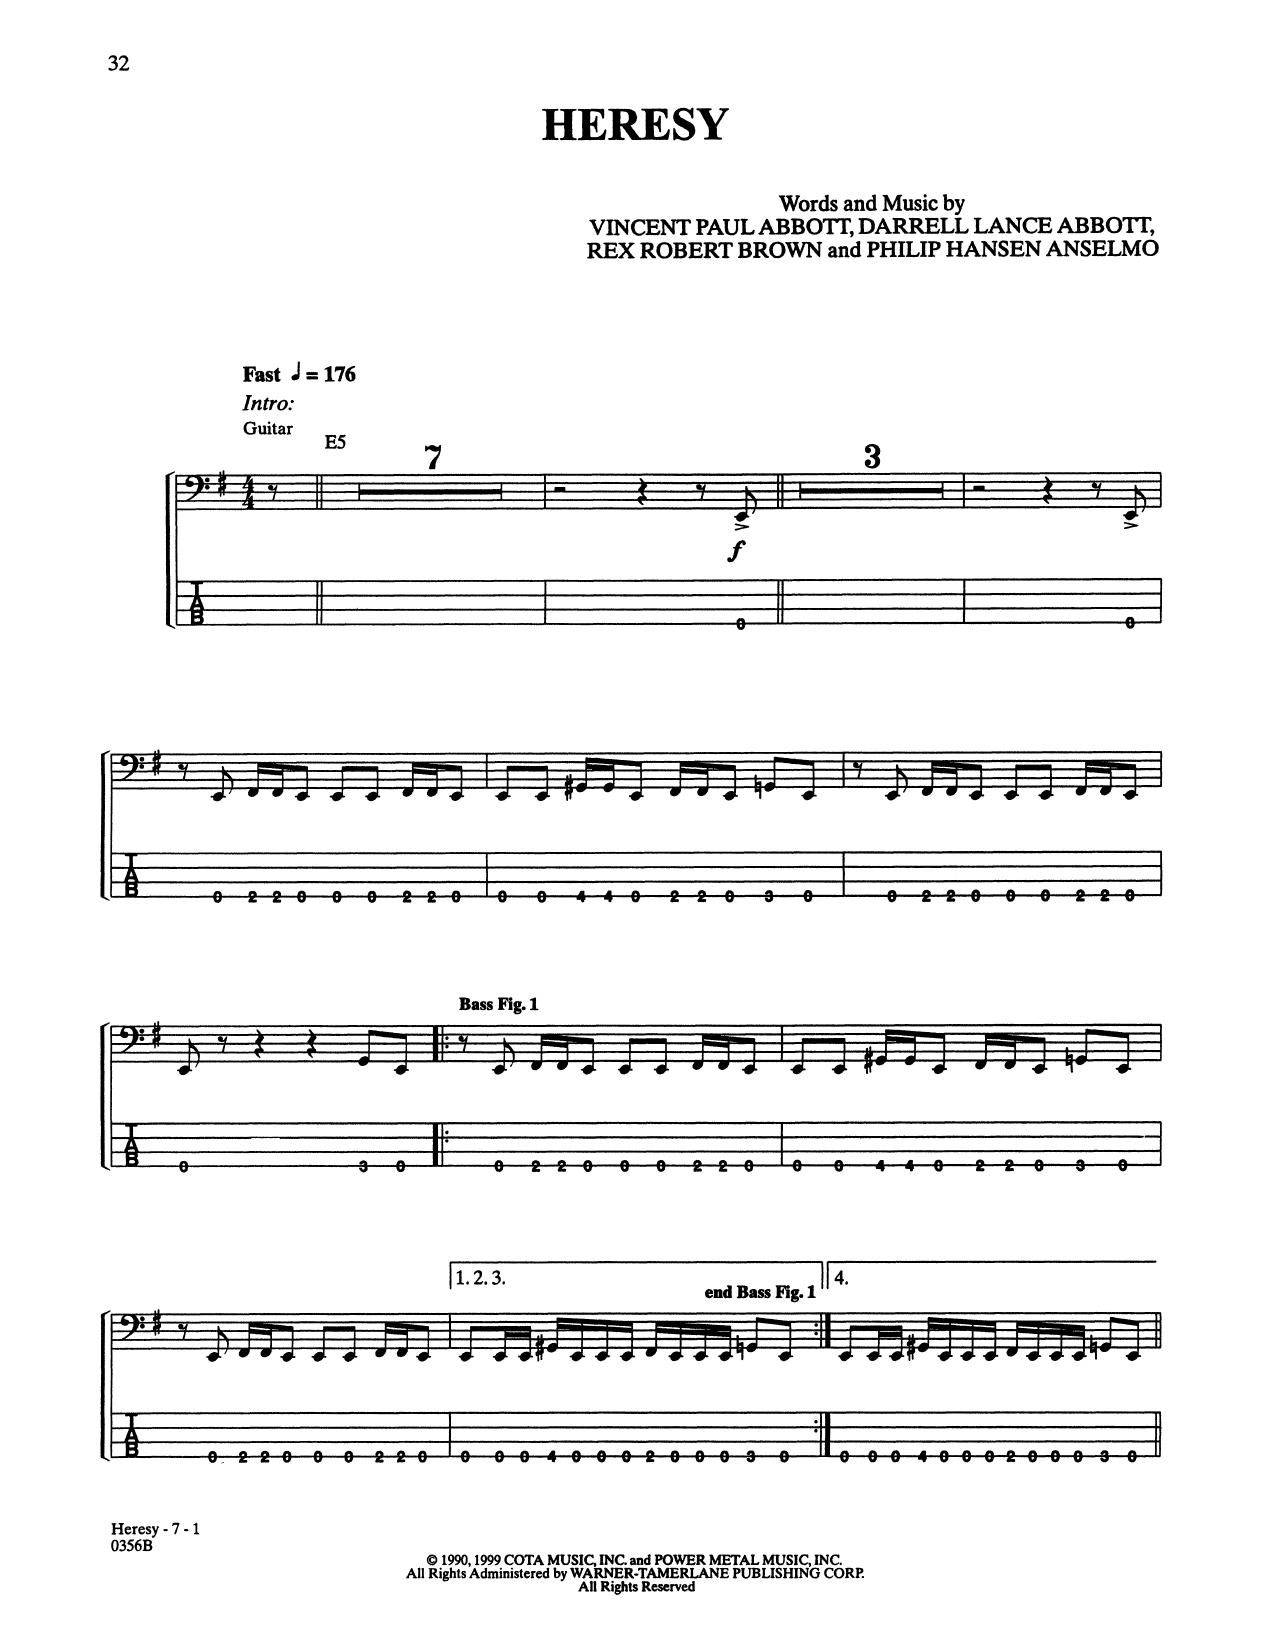 Pantera 'Heresy' Sheet Music Notes, Chords | Download Printable Bass Guitar  Tab - SKU: 415416